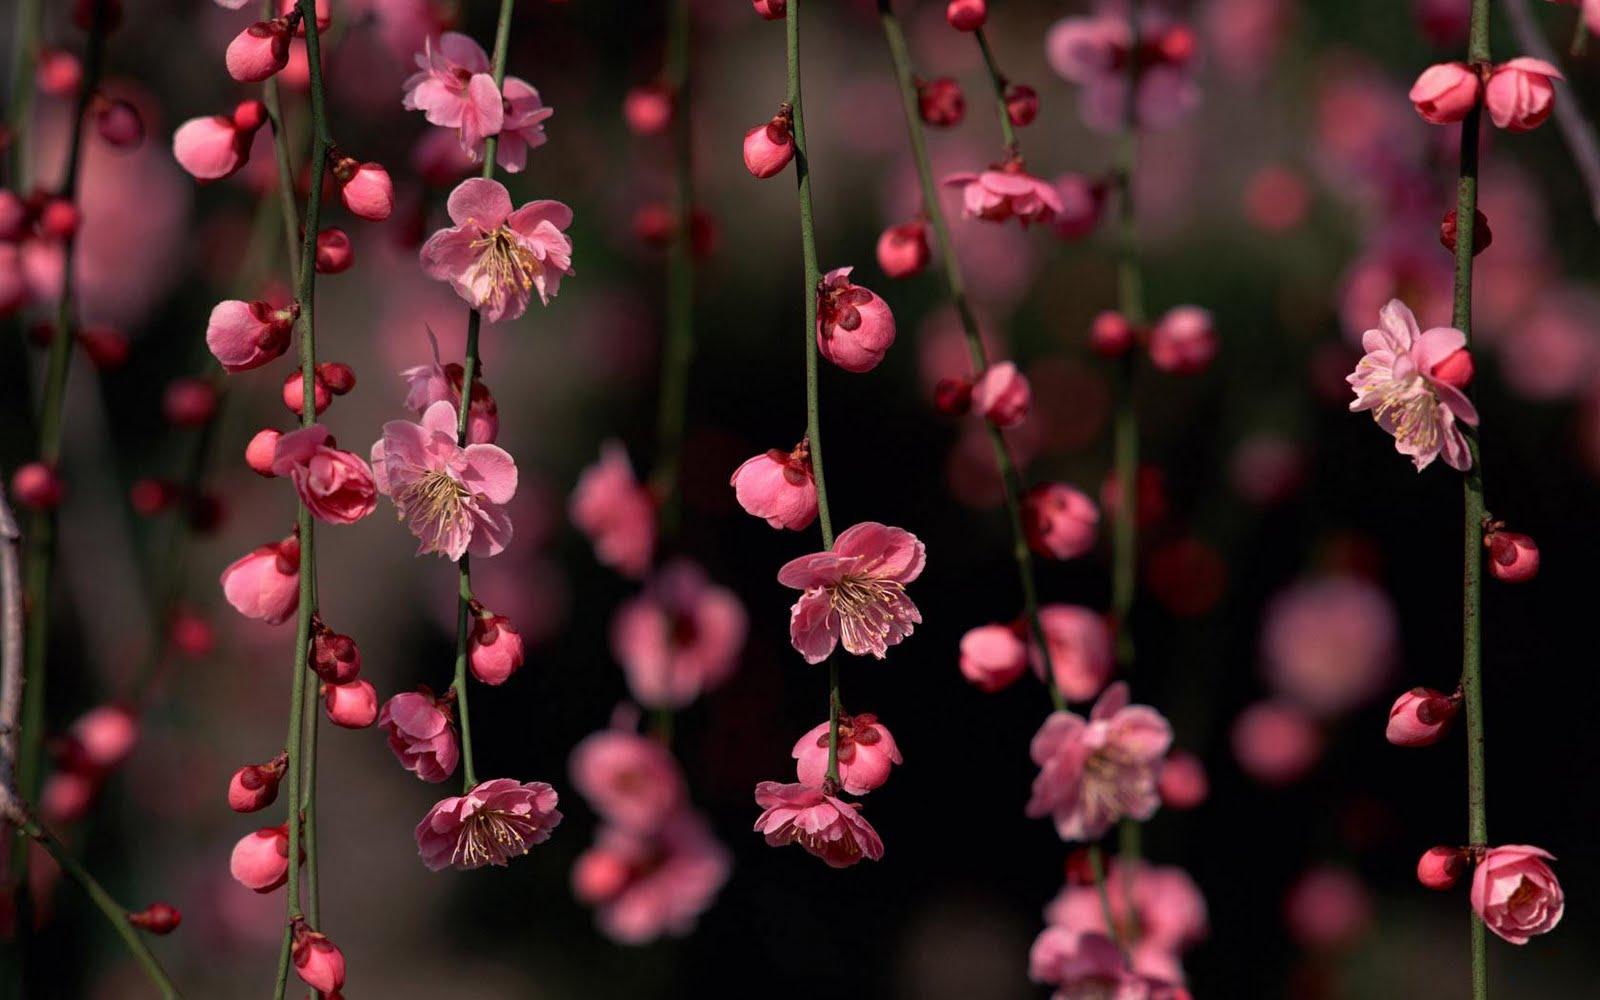 http://1.bp.blogspot.com/-DokXzdhiBm4/TYh6XcEV6-I/AAAAAAAABTA/l0LTIGJlUk8/s1600/Trees_Spring_flowers_hd_wallpaper.jpg